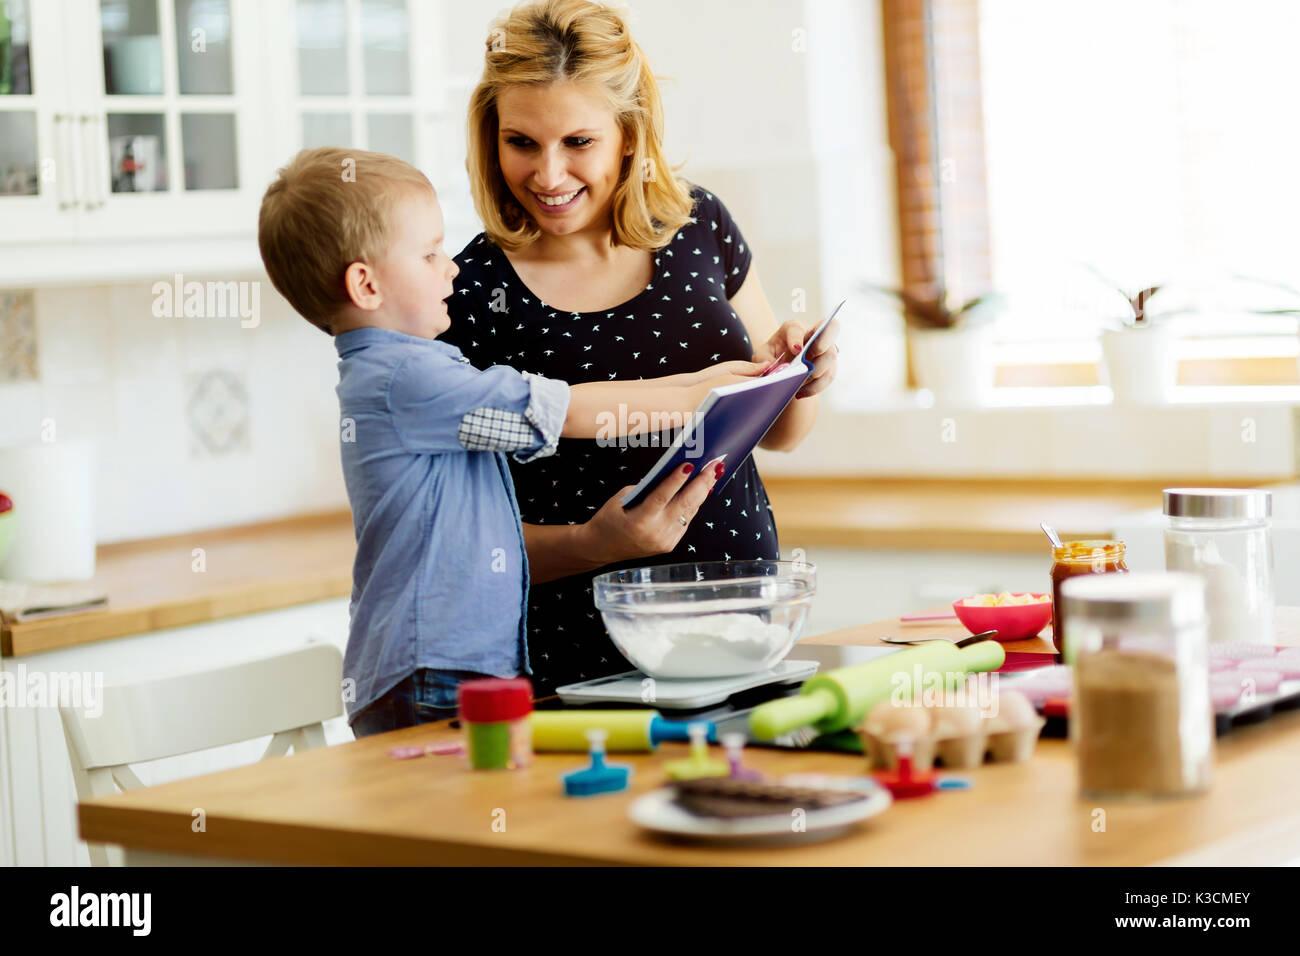 Schönes Kind und Mutter backen Stockbild